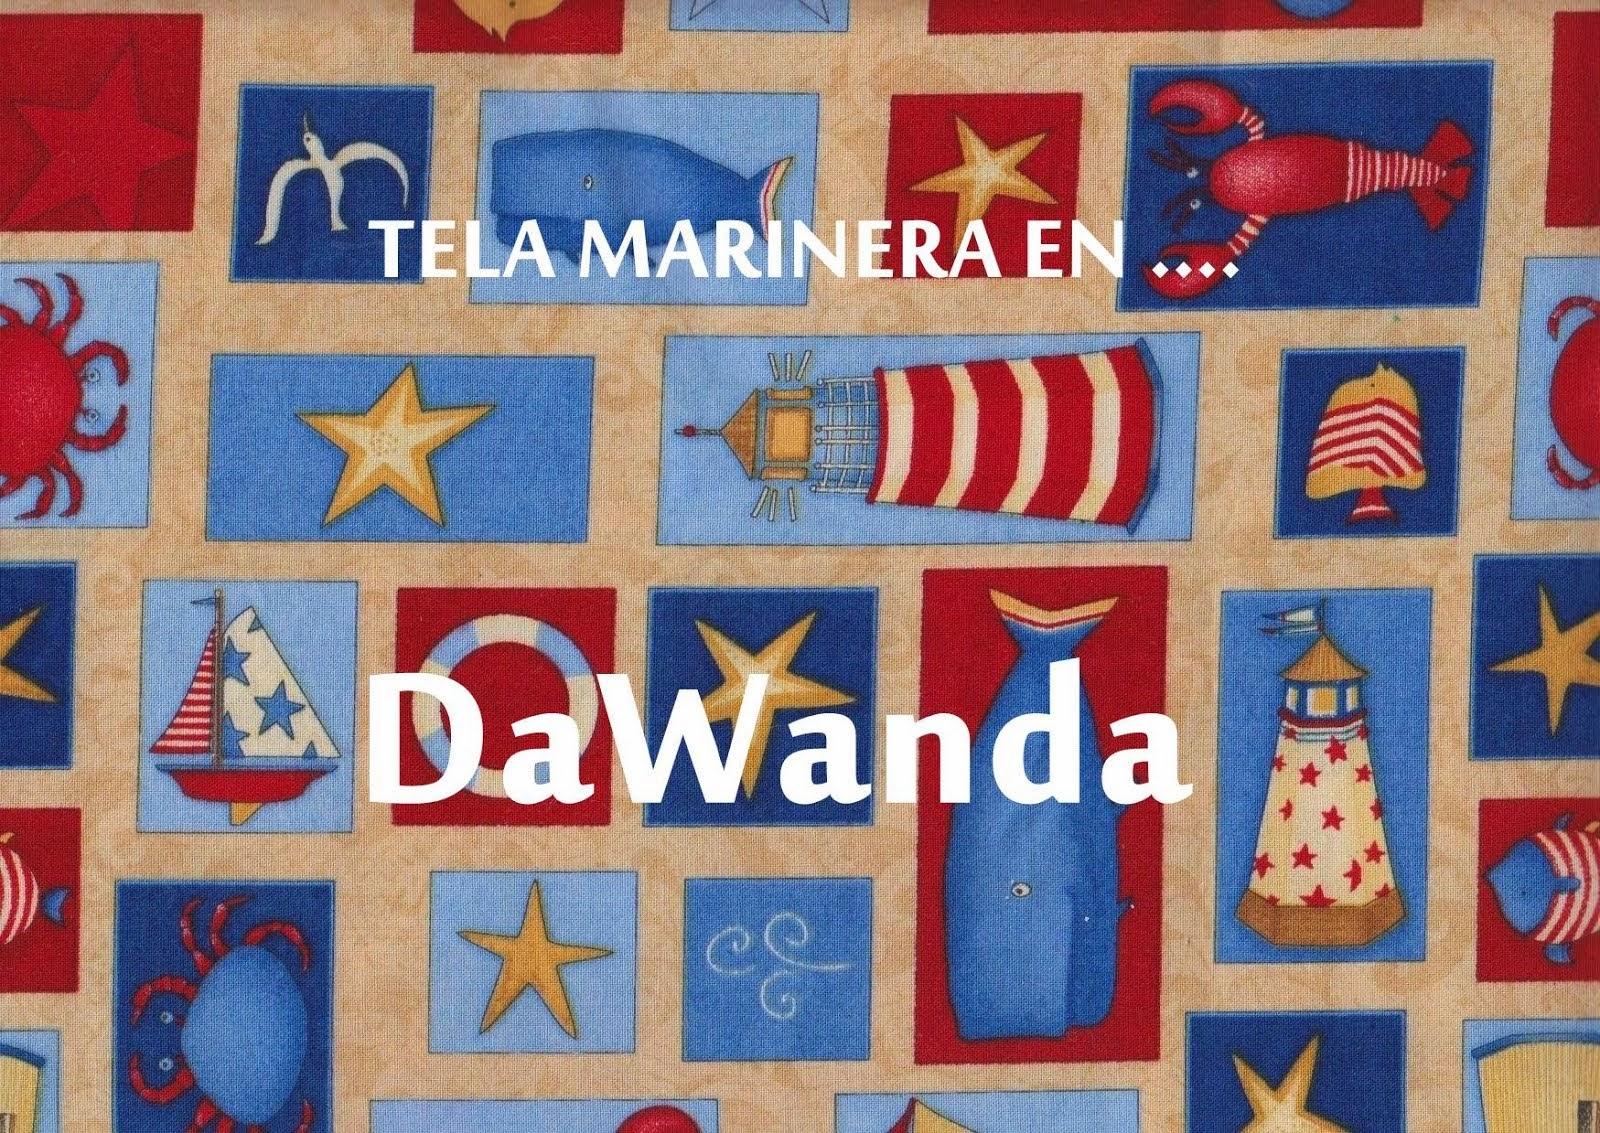 Tela Marinera en DaWanda